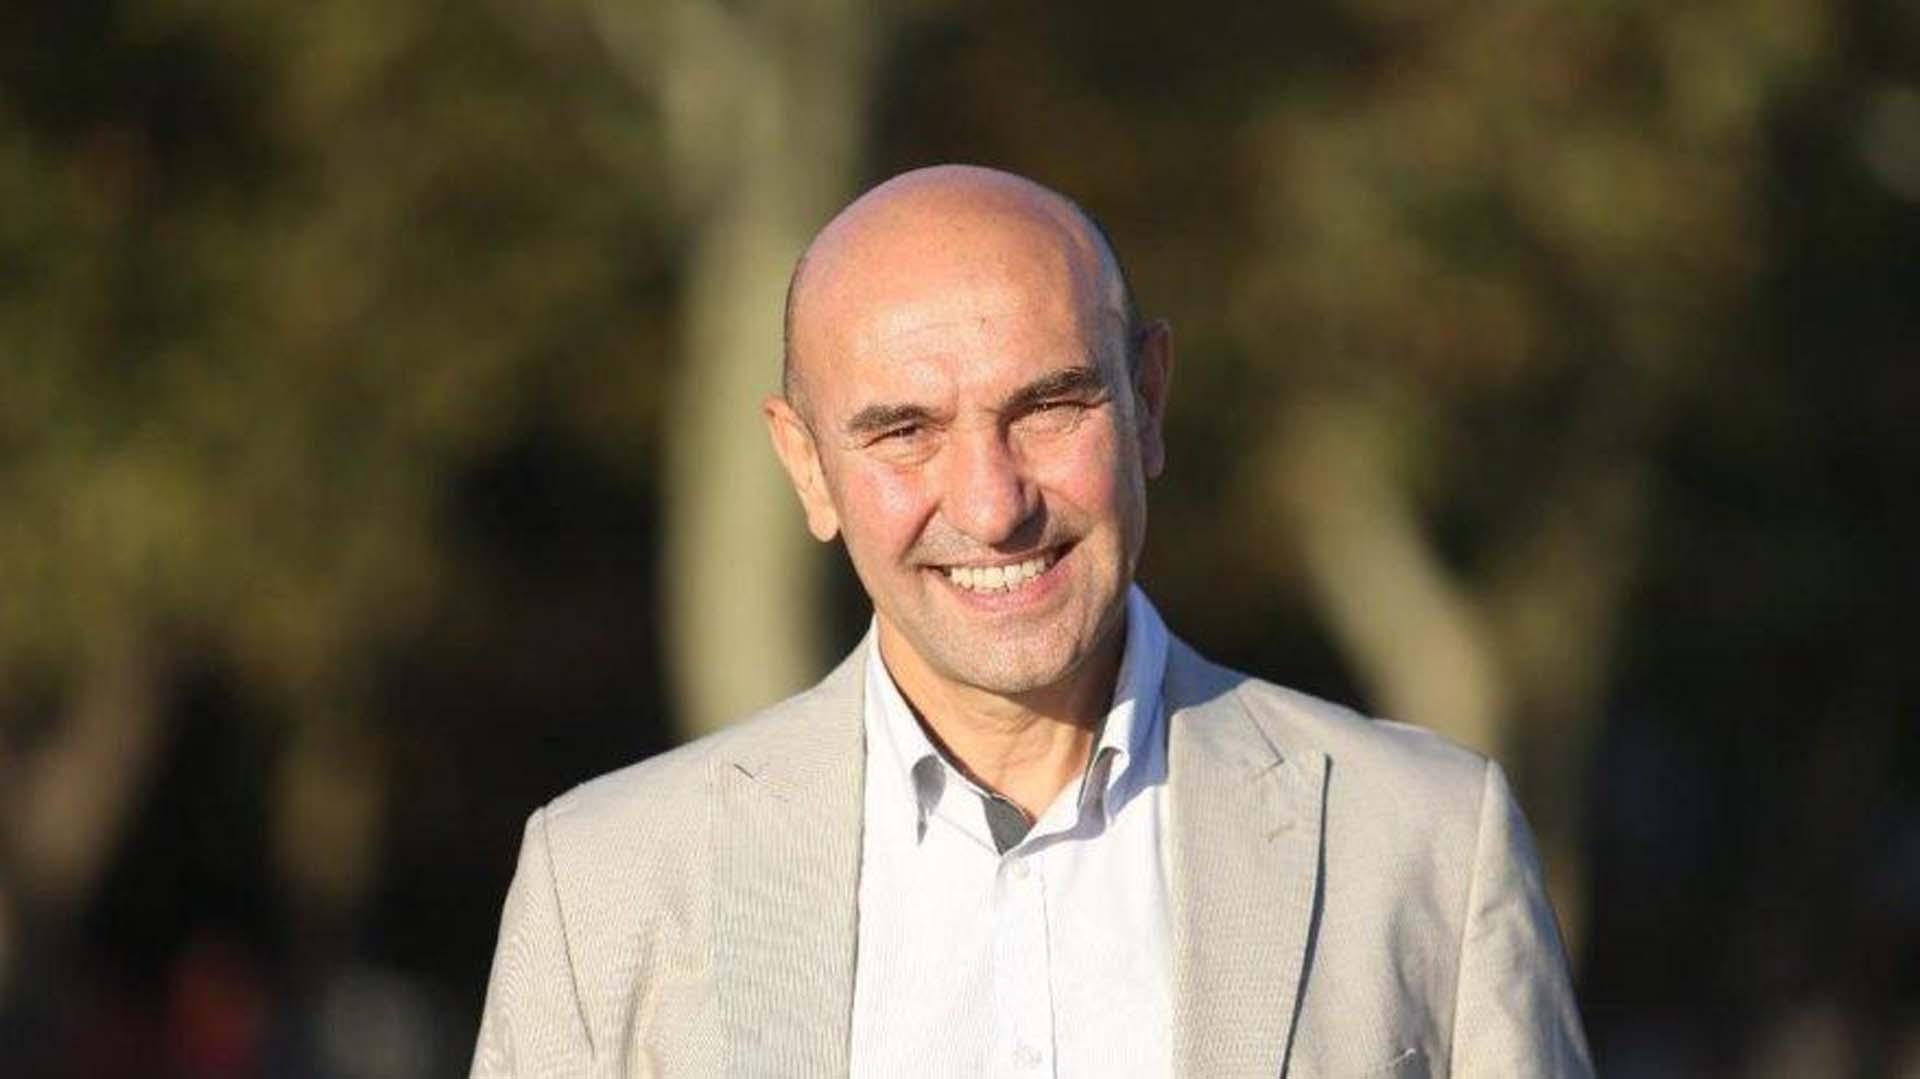 Tunç Soyer, cumhurbaşkanı adayını açıkladı: Kılıçdaroğlu aday olmalı, bu durum ittifakı da rahatlatır